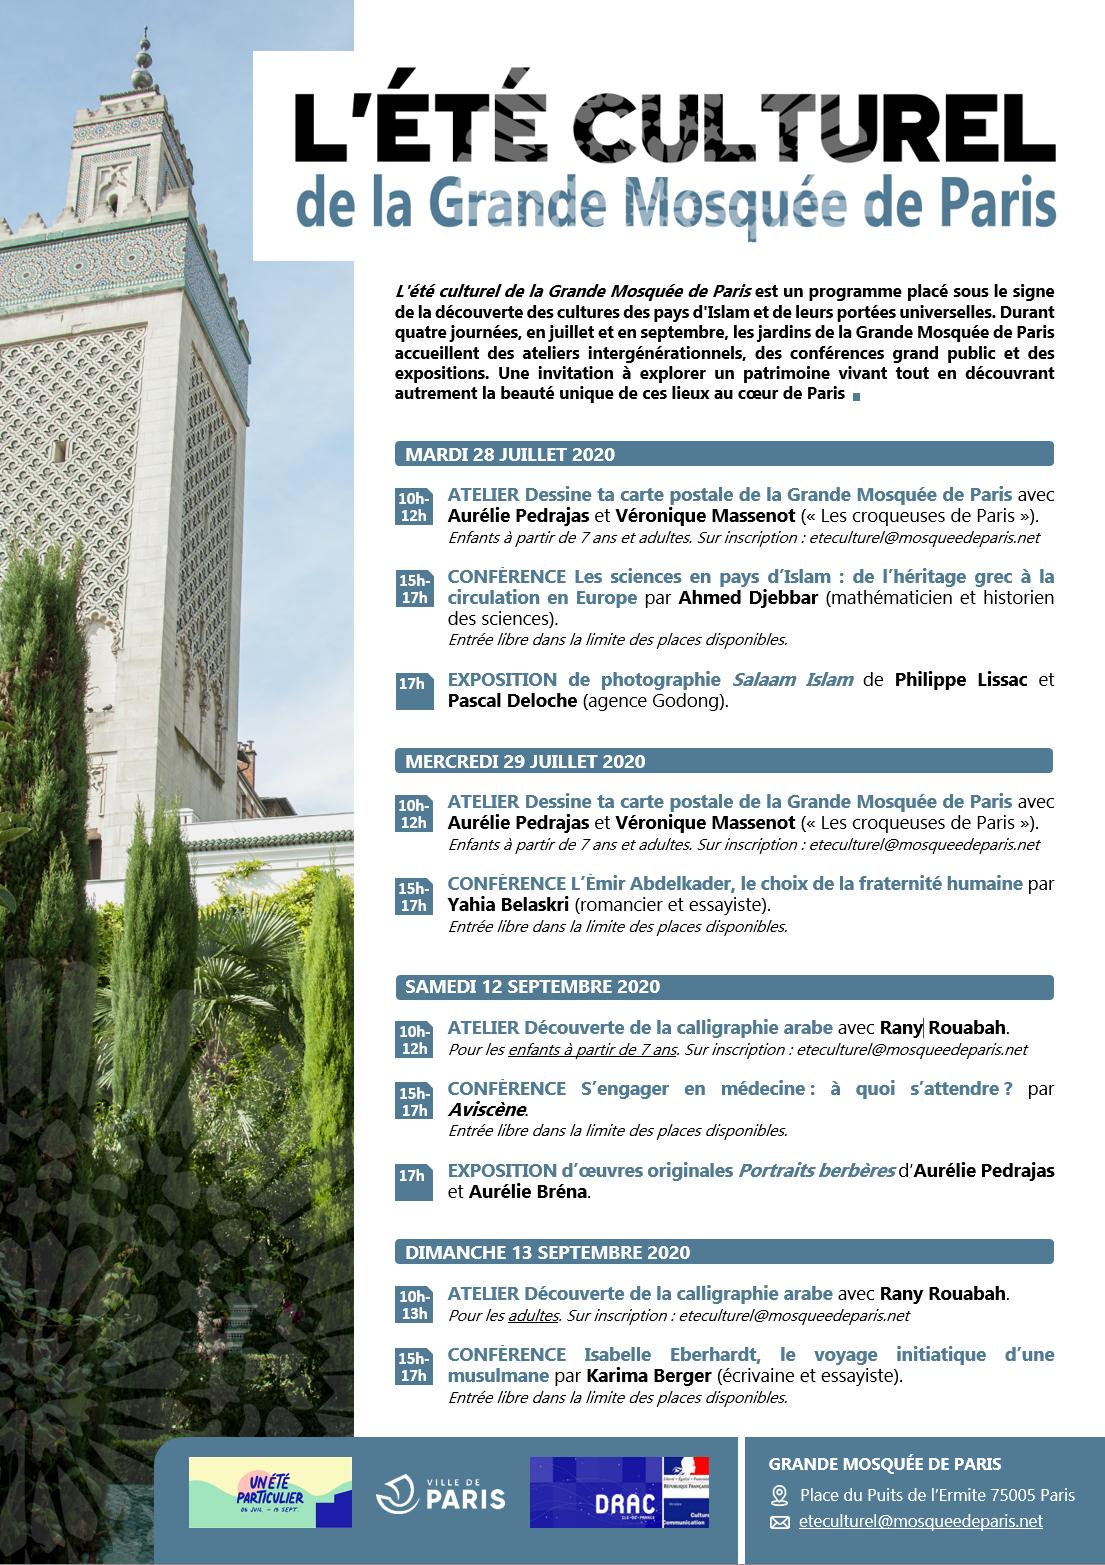 Affiche - L'été culturel de la Grande Mosquée de Paris 2020 Septembre